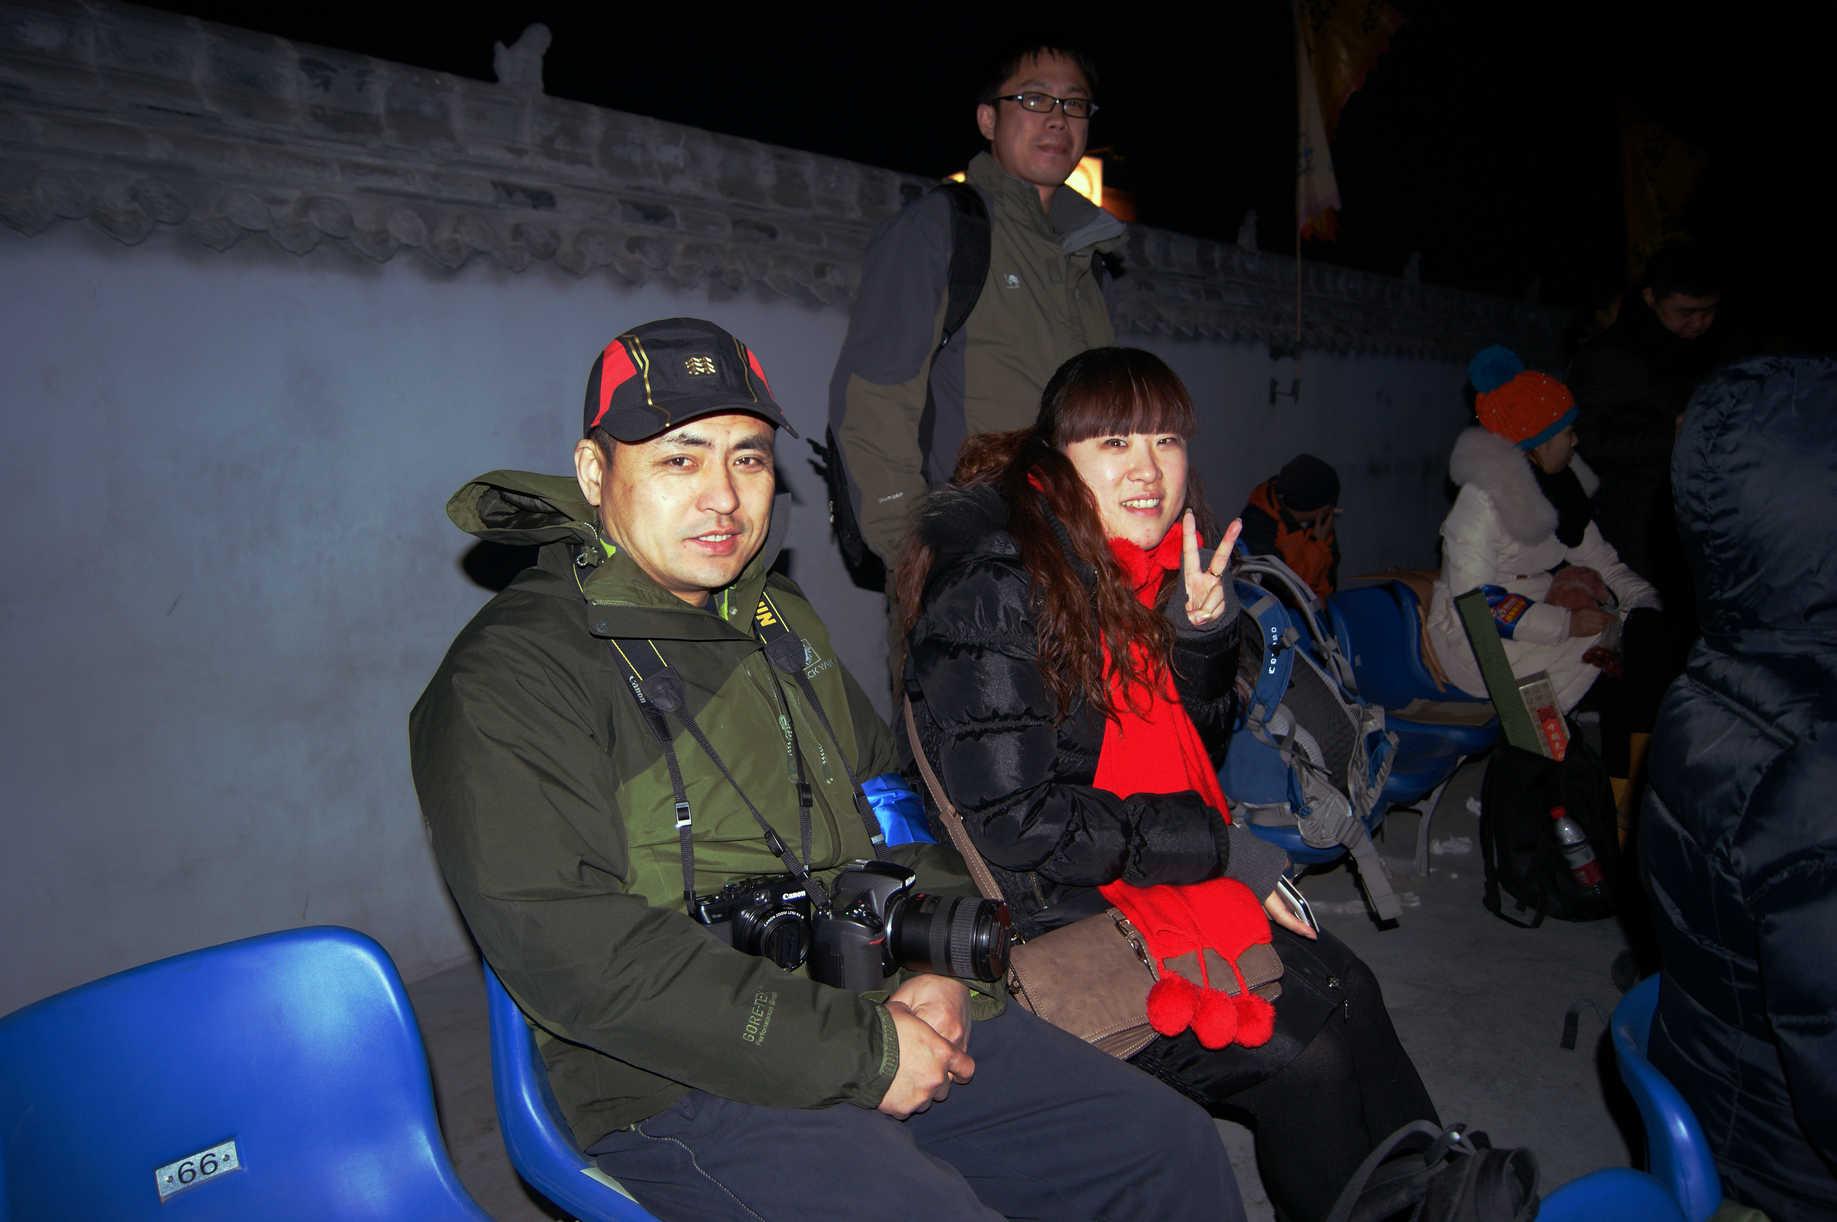 户外联盟2月23日(正月十四)蔚县打铁树花活动照片与游记征集